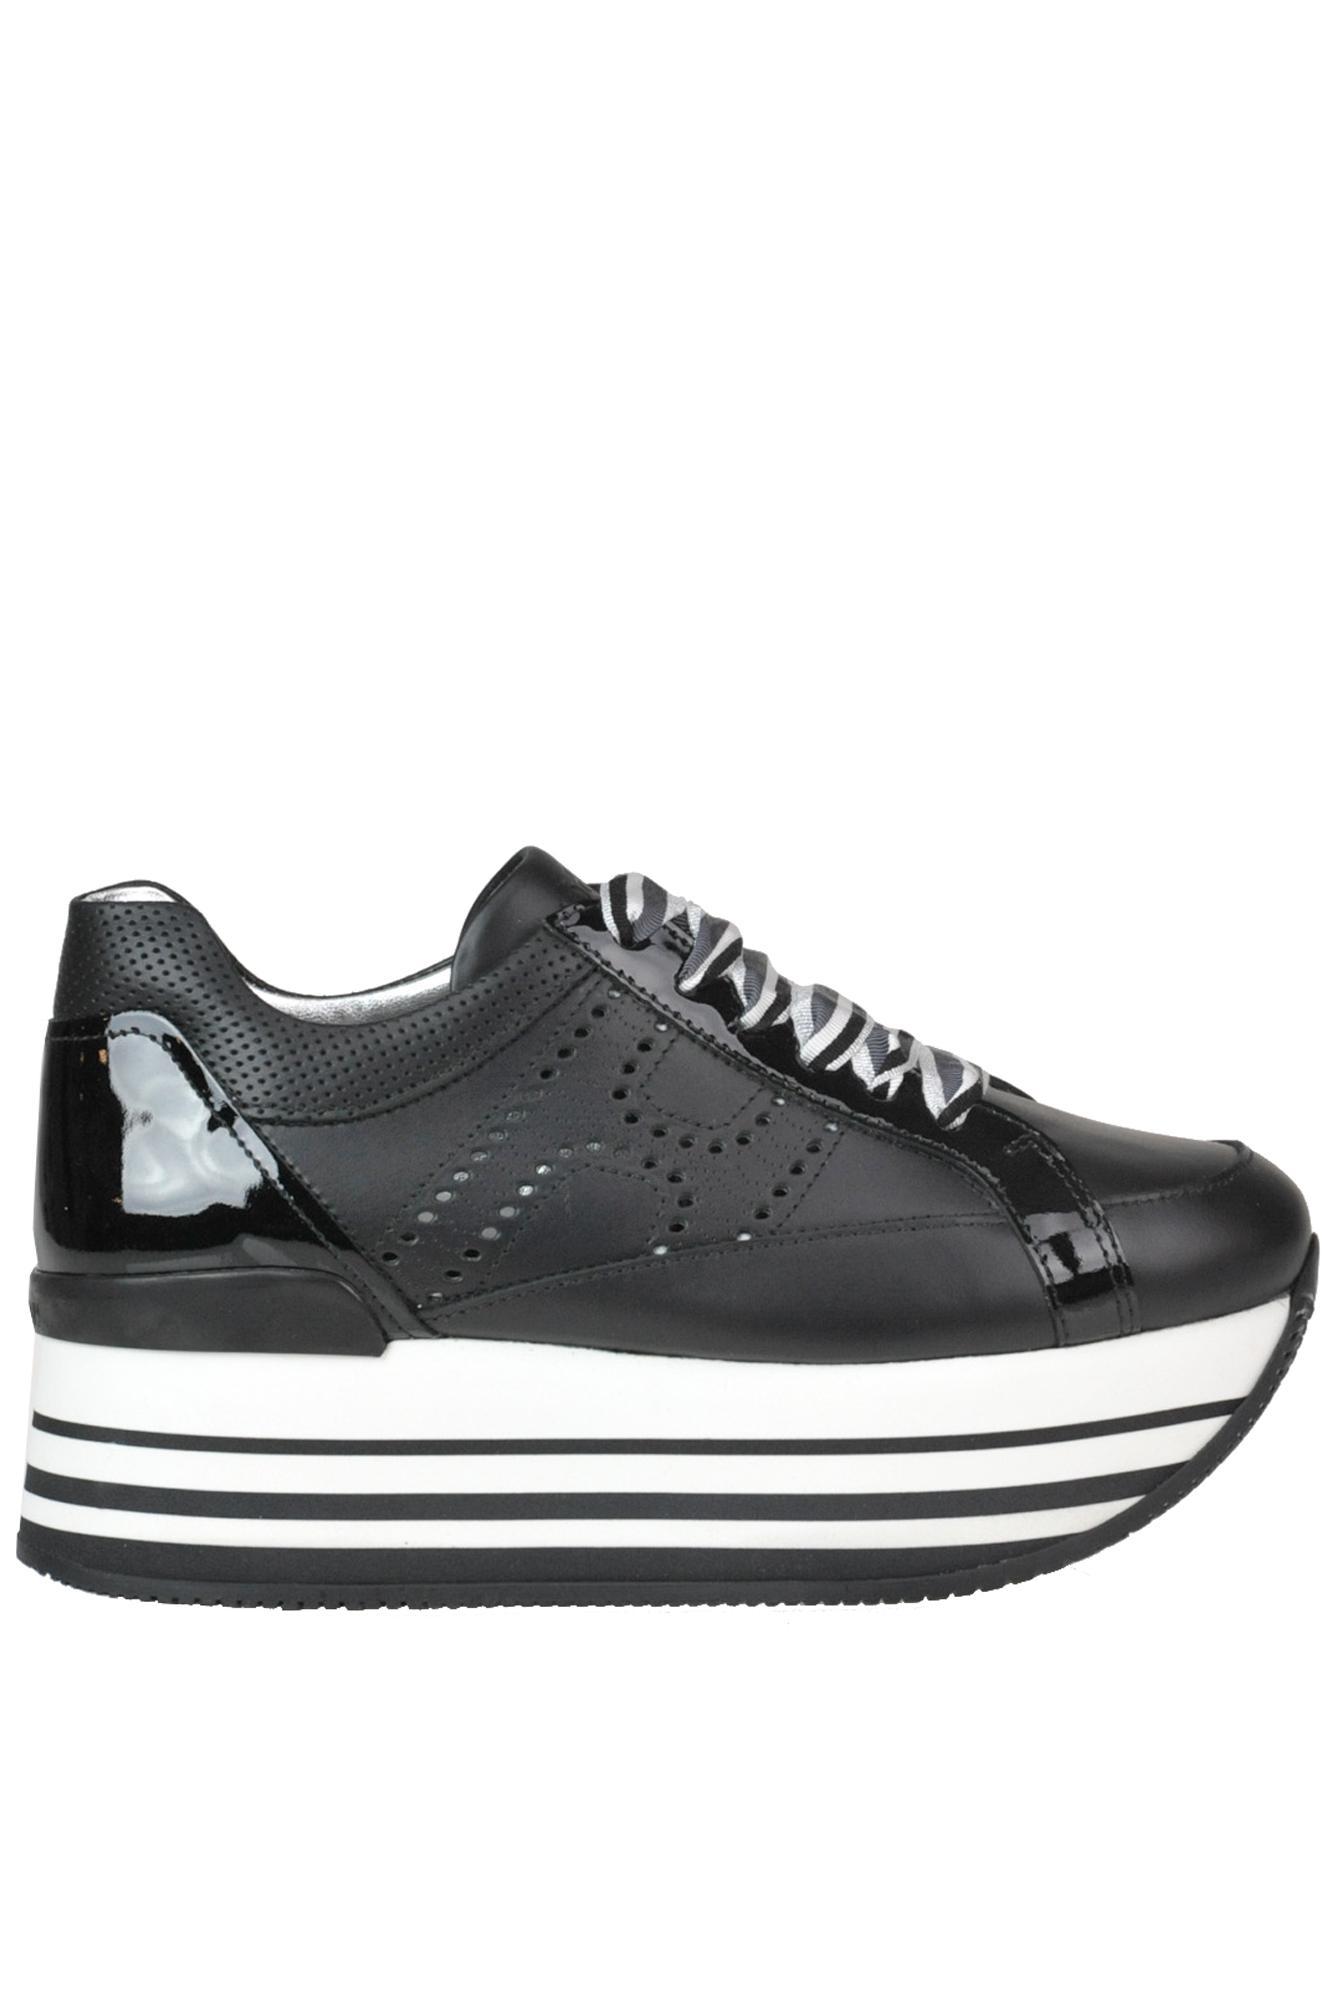 8579d4ae36 Lyst - Hogan 'maxi 222' Wedge Sneakers in Black